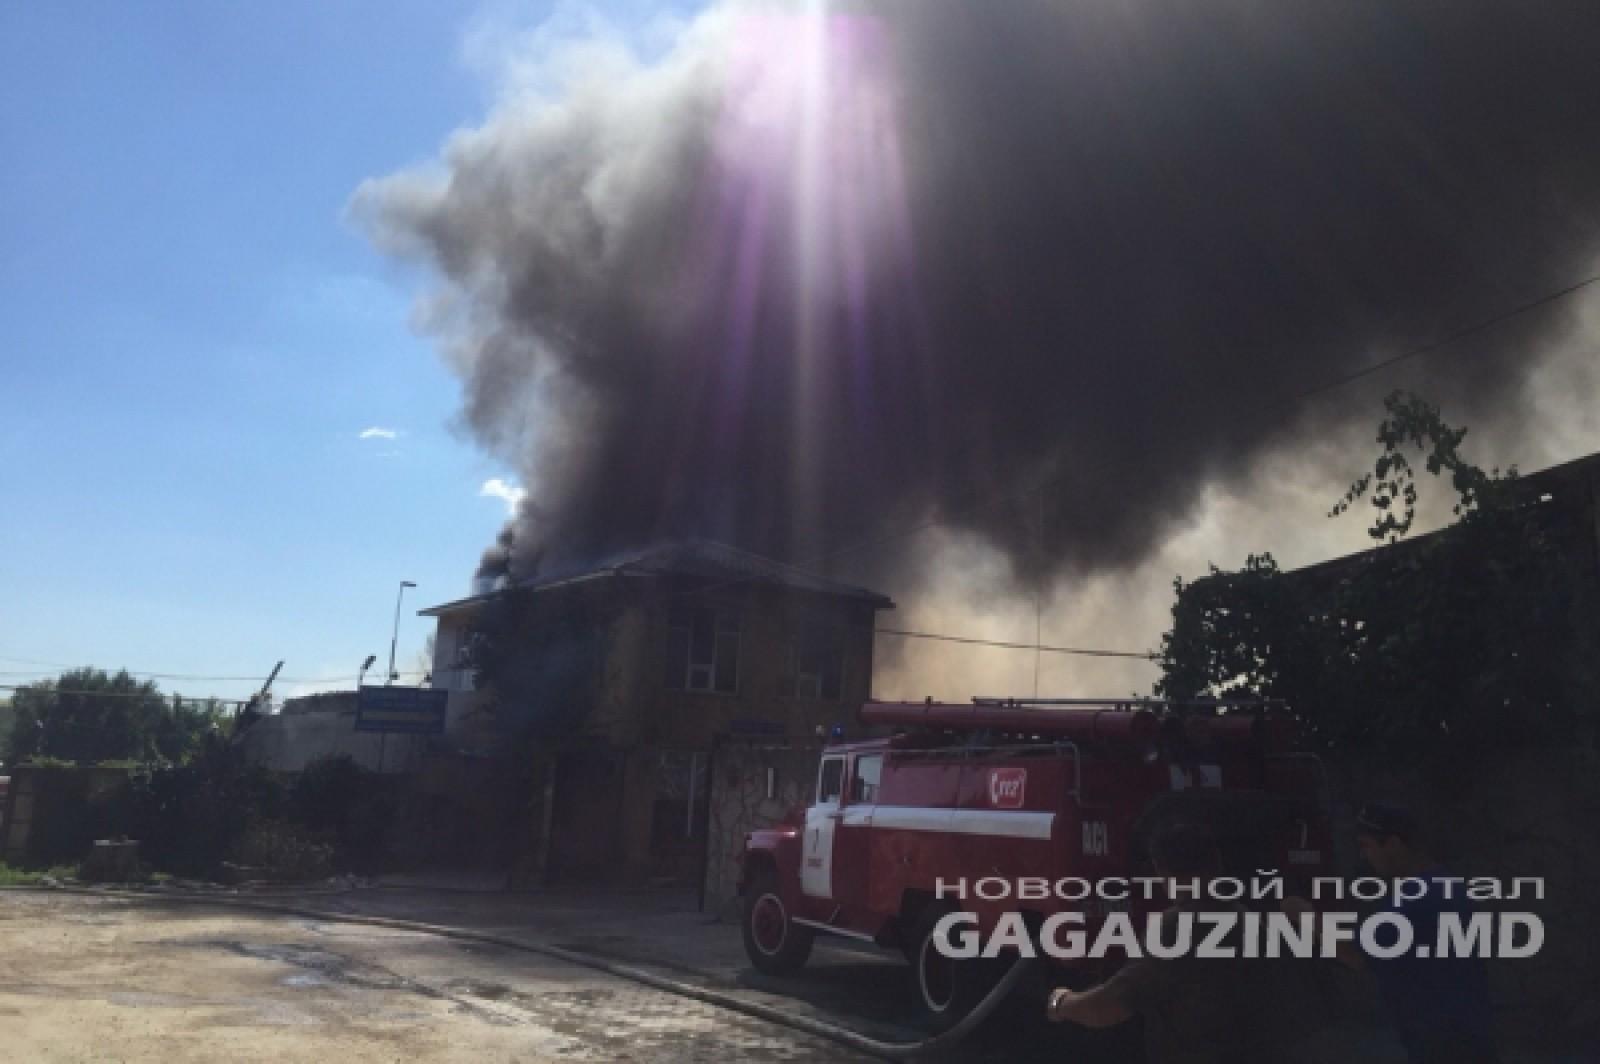 (video) Incendiu în UTA Găgăuzia: O fabrică de mobilă din Comrat a luat foc